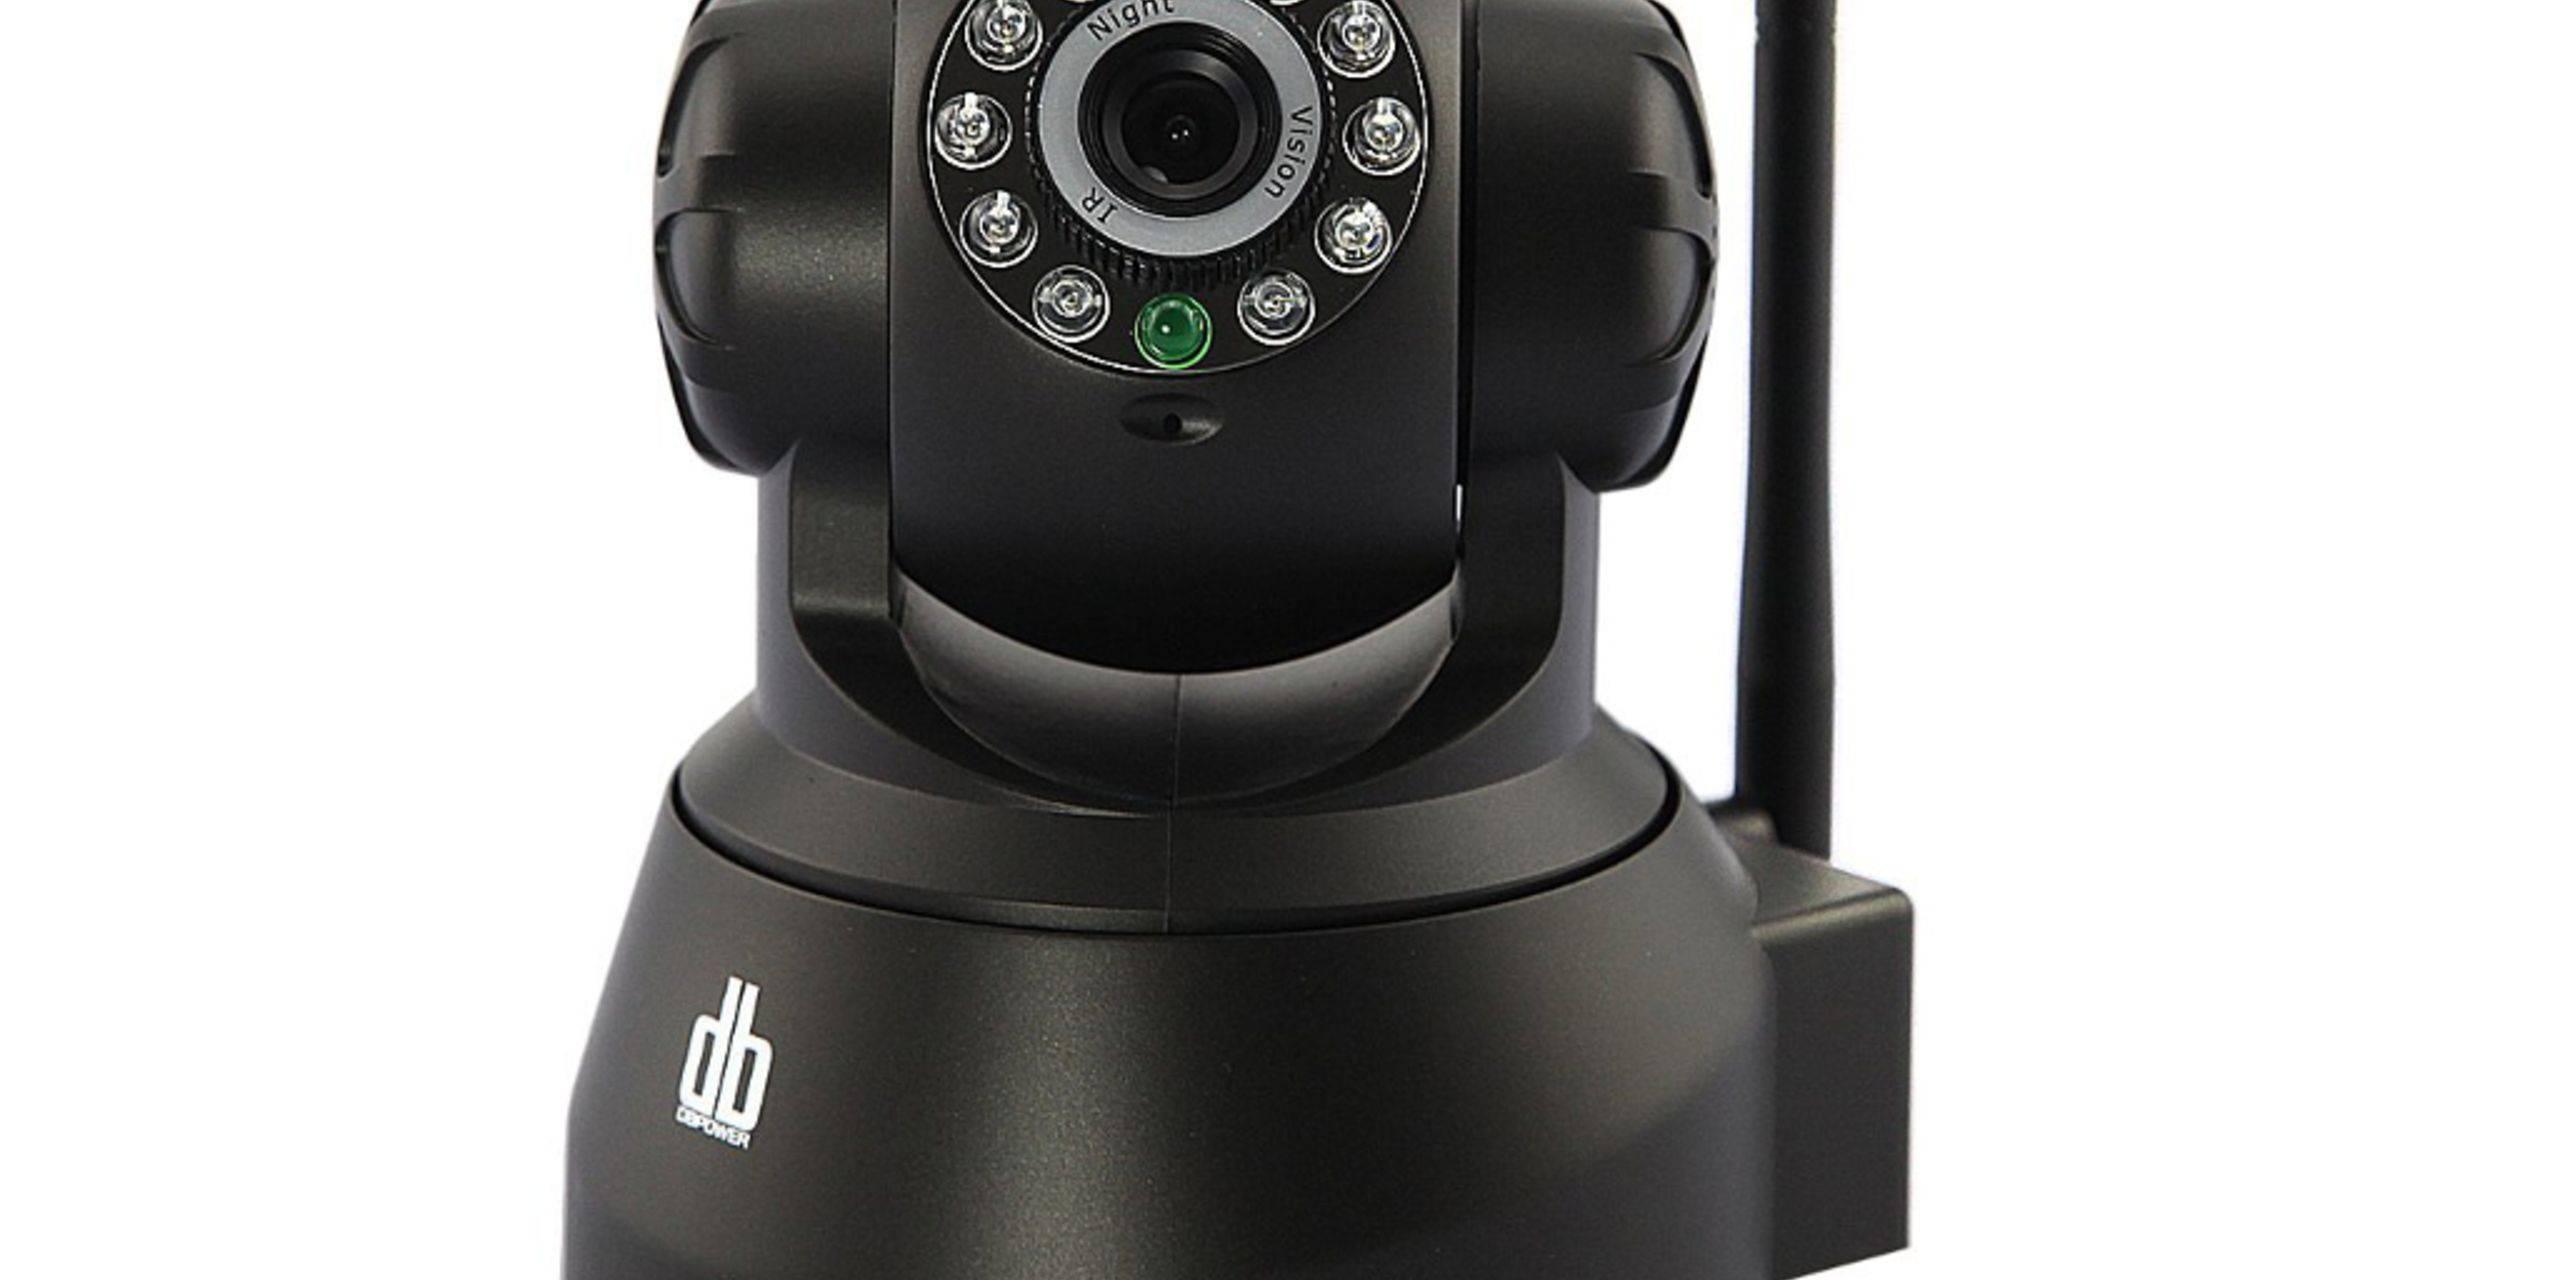 DBpower Pan Tilt WLAN IP Kamera